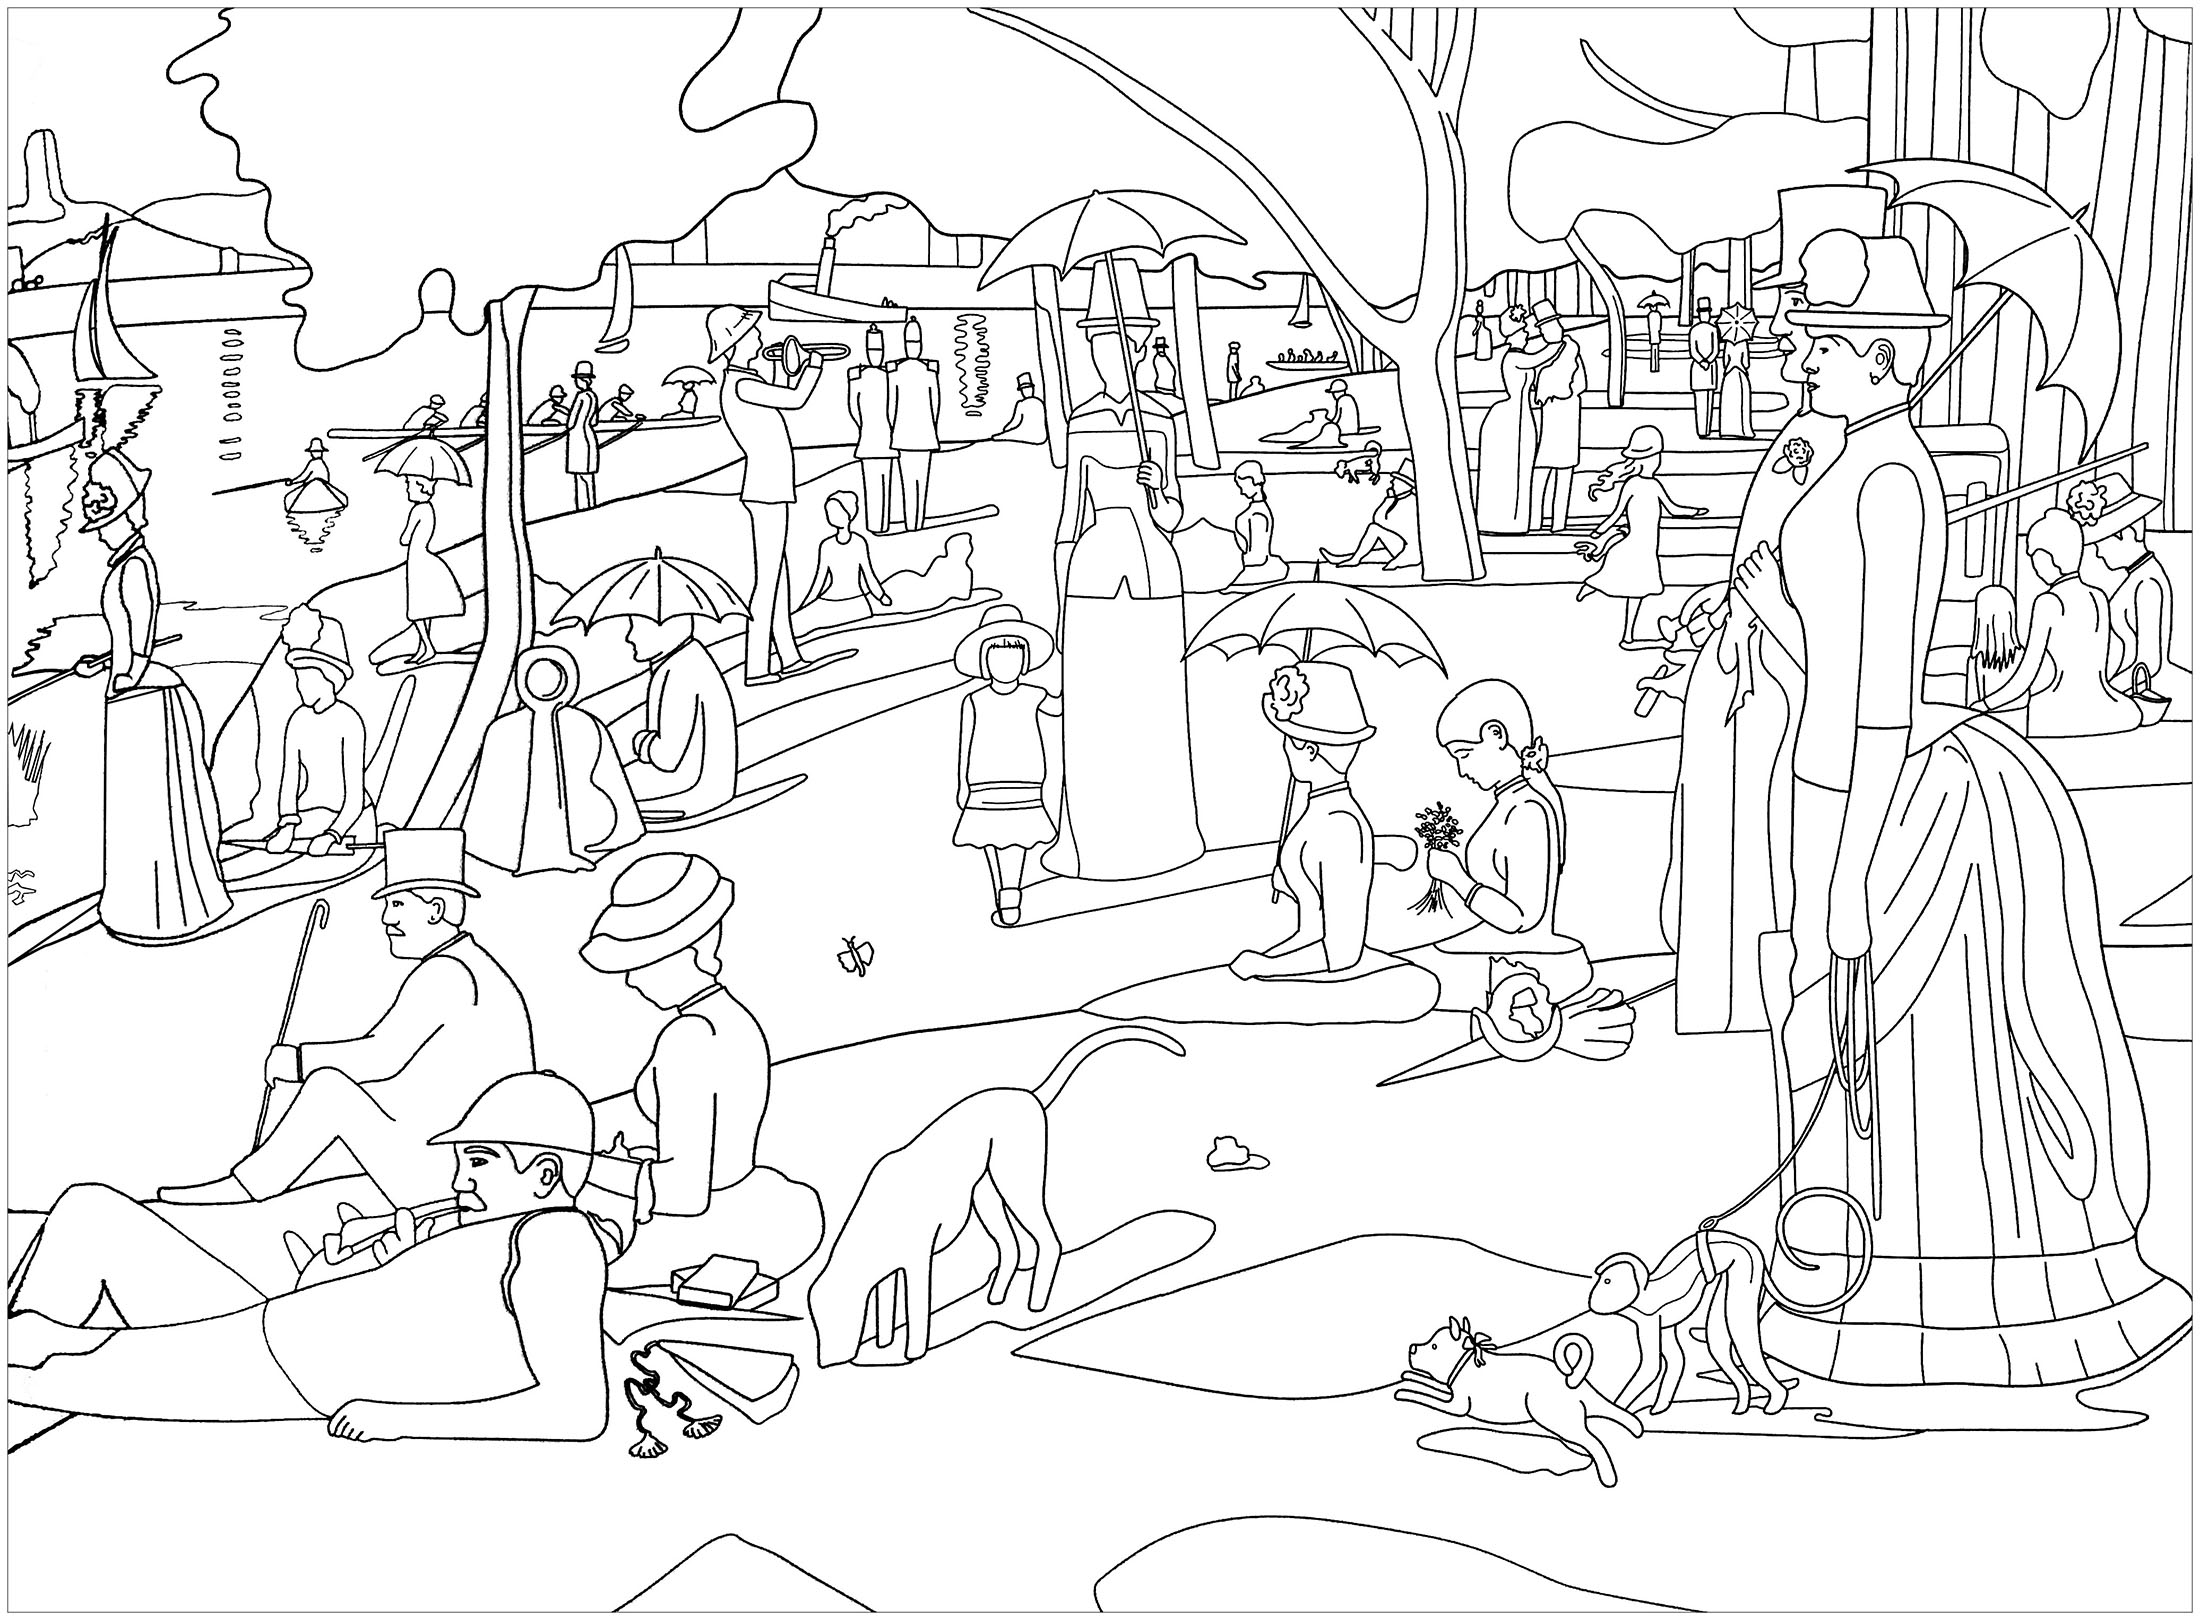 Coloriage inspiré de l'oeuvre de George Seurat, maître du pointillisme : Un dimanche après-midi à l'Île de la Grande Jatte